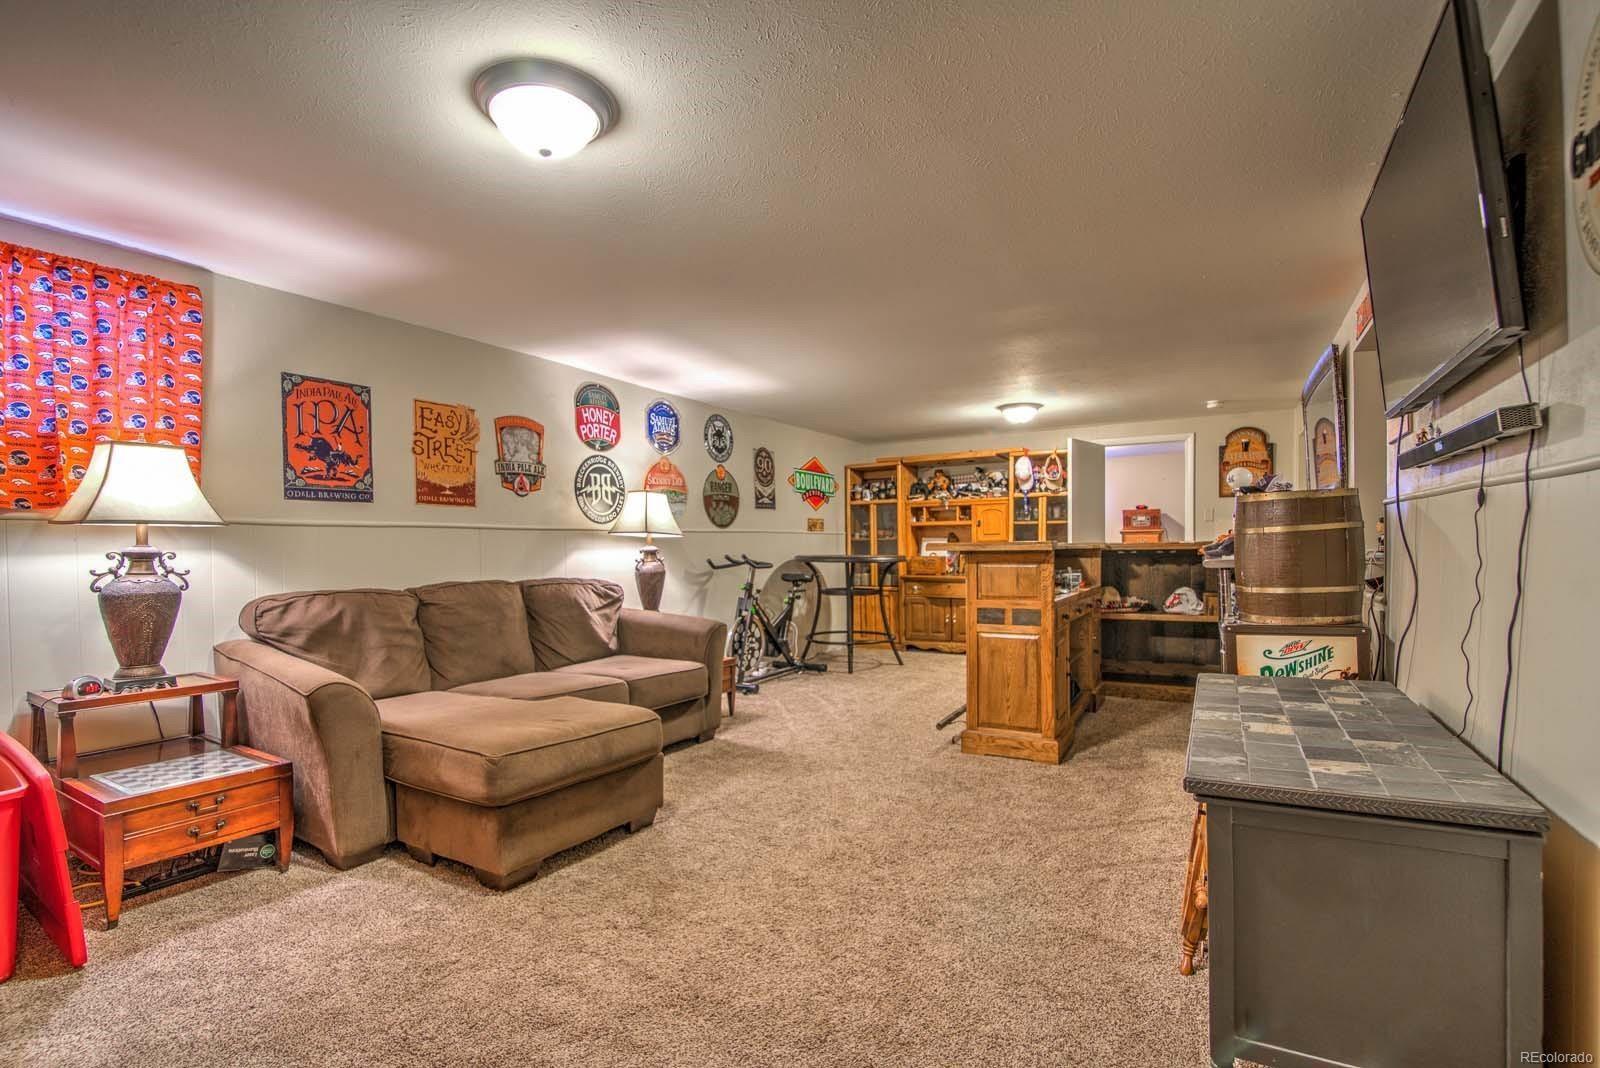 MLS# 8691138 - 14 - 8189 Benton Way, Arvada, CO 80003